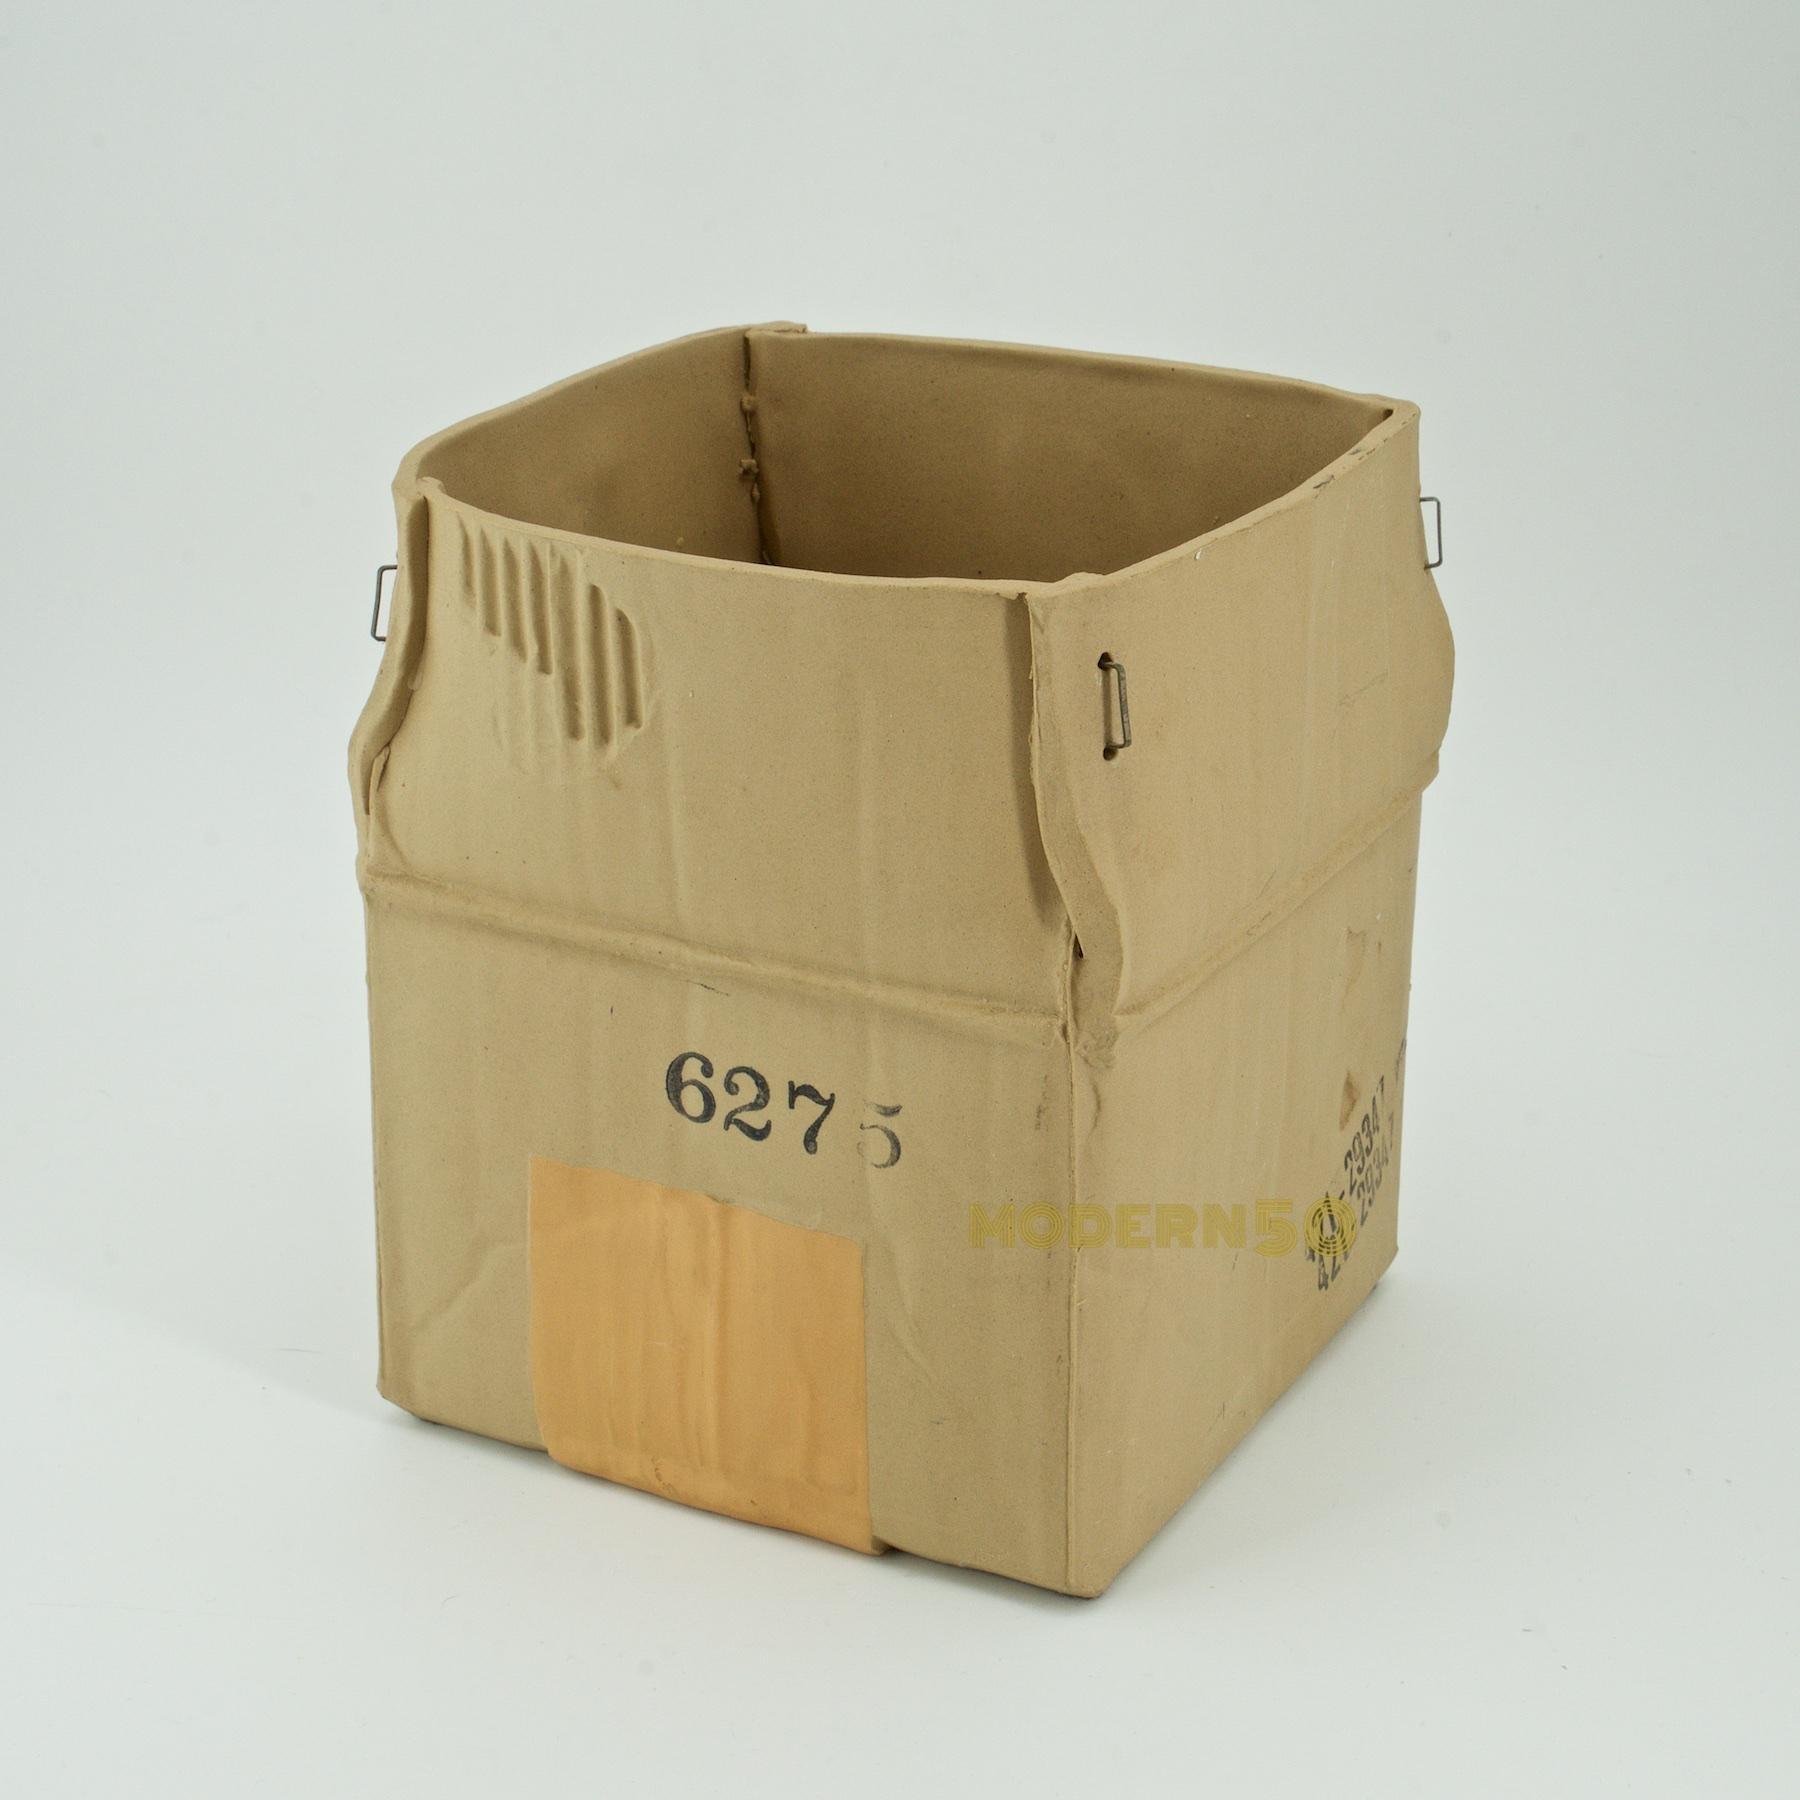 1970s Pop Art Ceramic Hypereal Sculpture Cardboard Box Flower Vase Warhol Era For Sale at 1stdibs & 1970s Pop Art Ceramic Hypereal Sculpture Cardboard Box Flower Vase ...